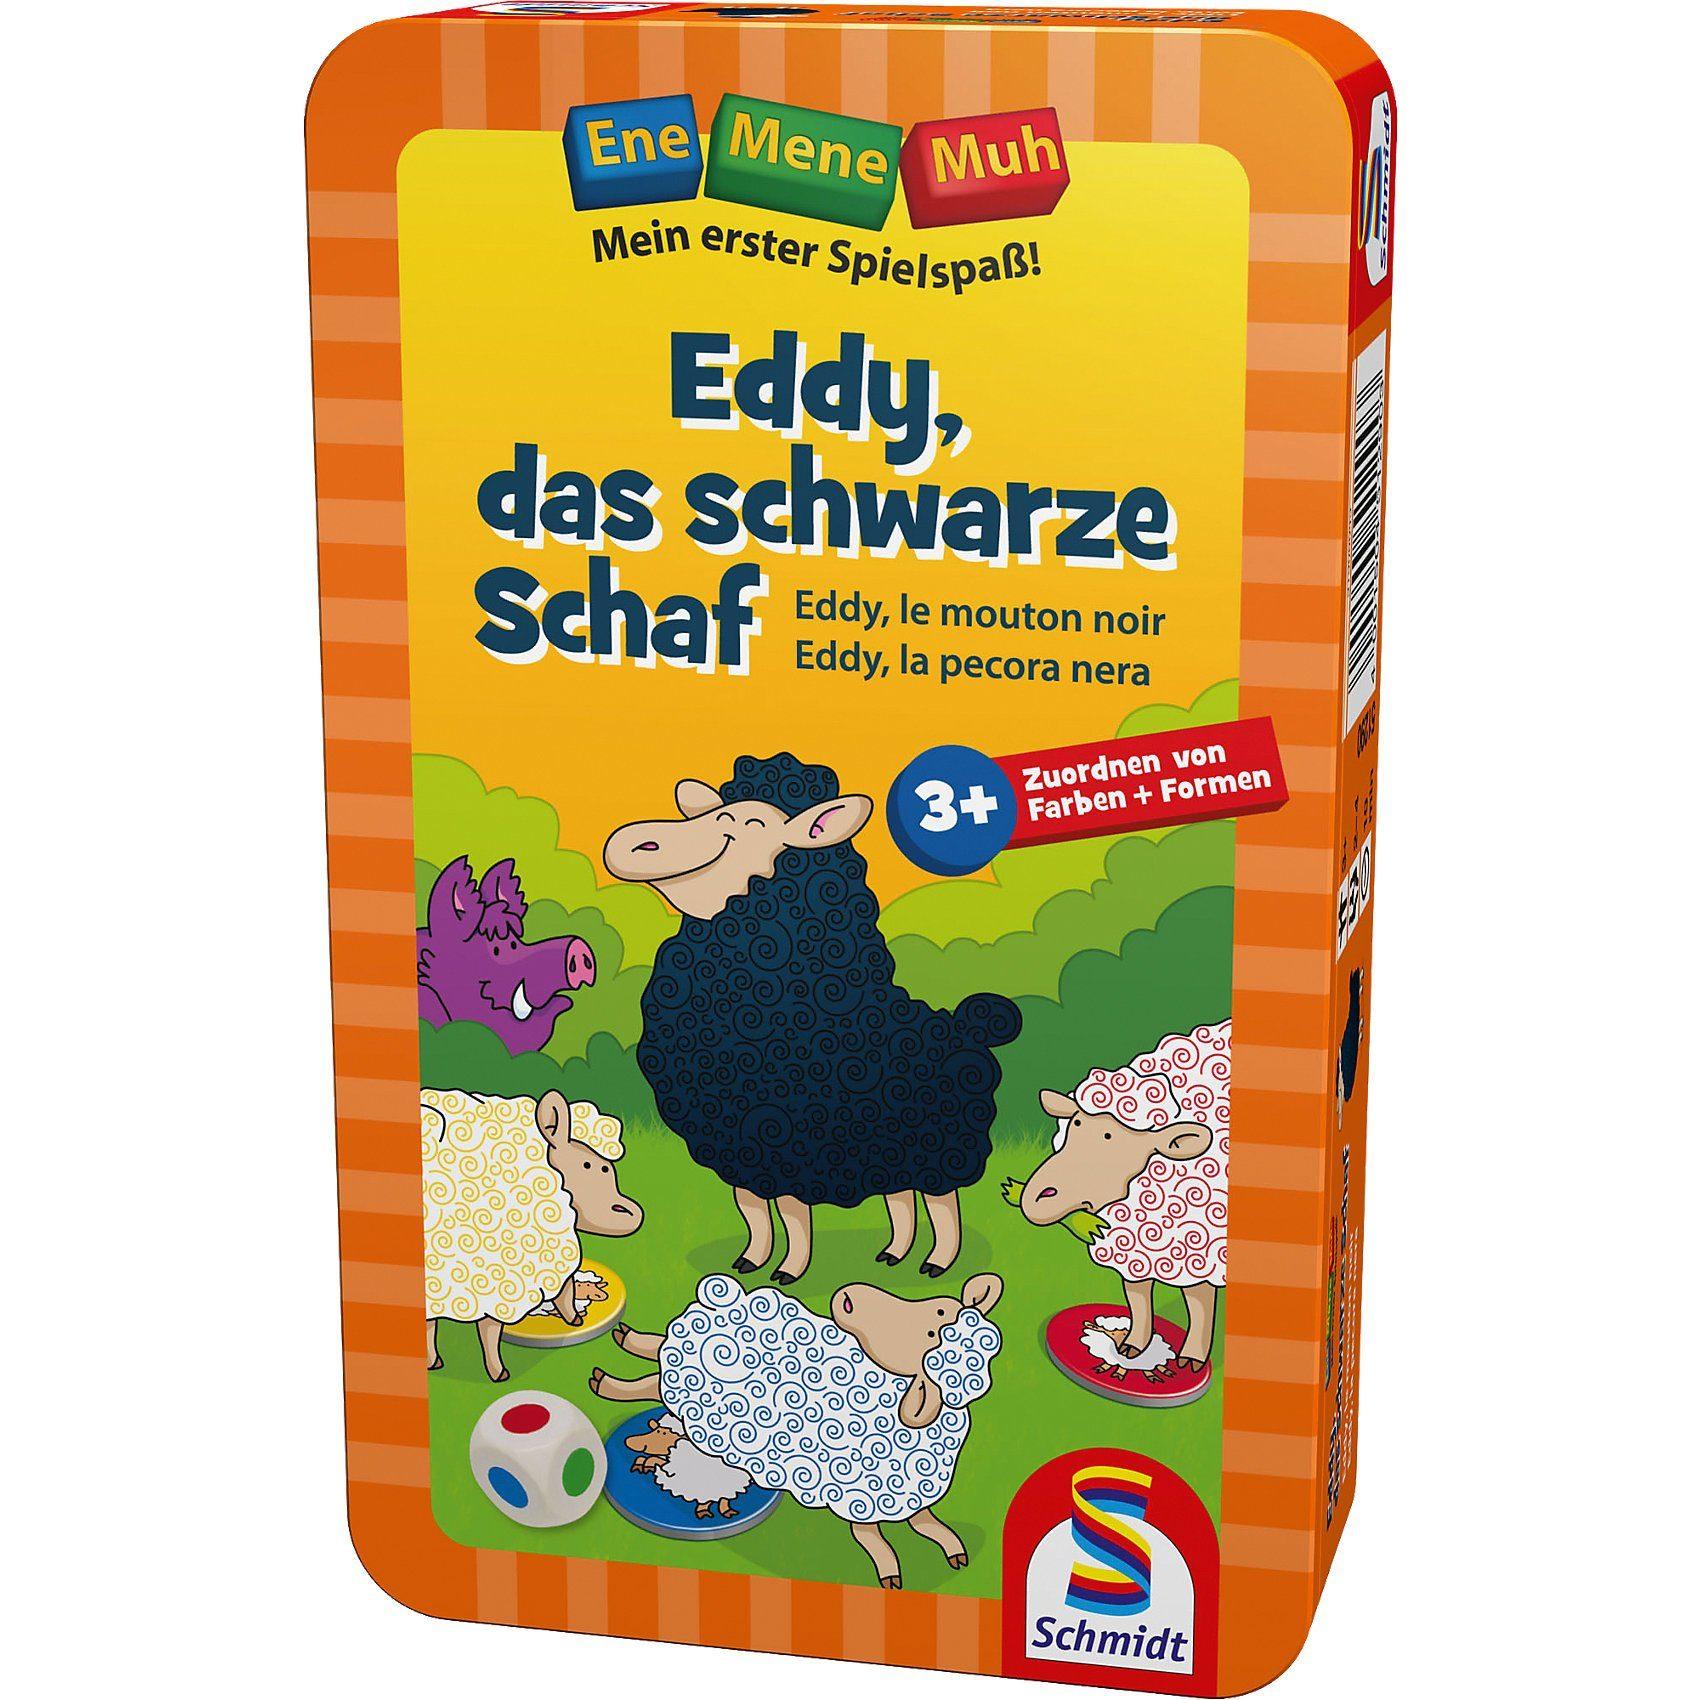 Schmidt Spiele Mitbringspiel Ene Mene Muh, Eddy, das schwarze Schaf